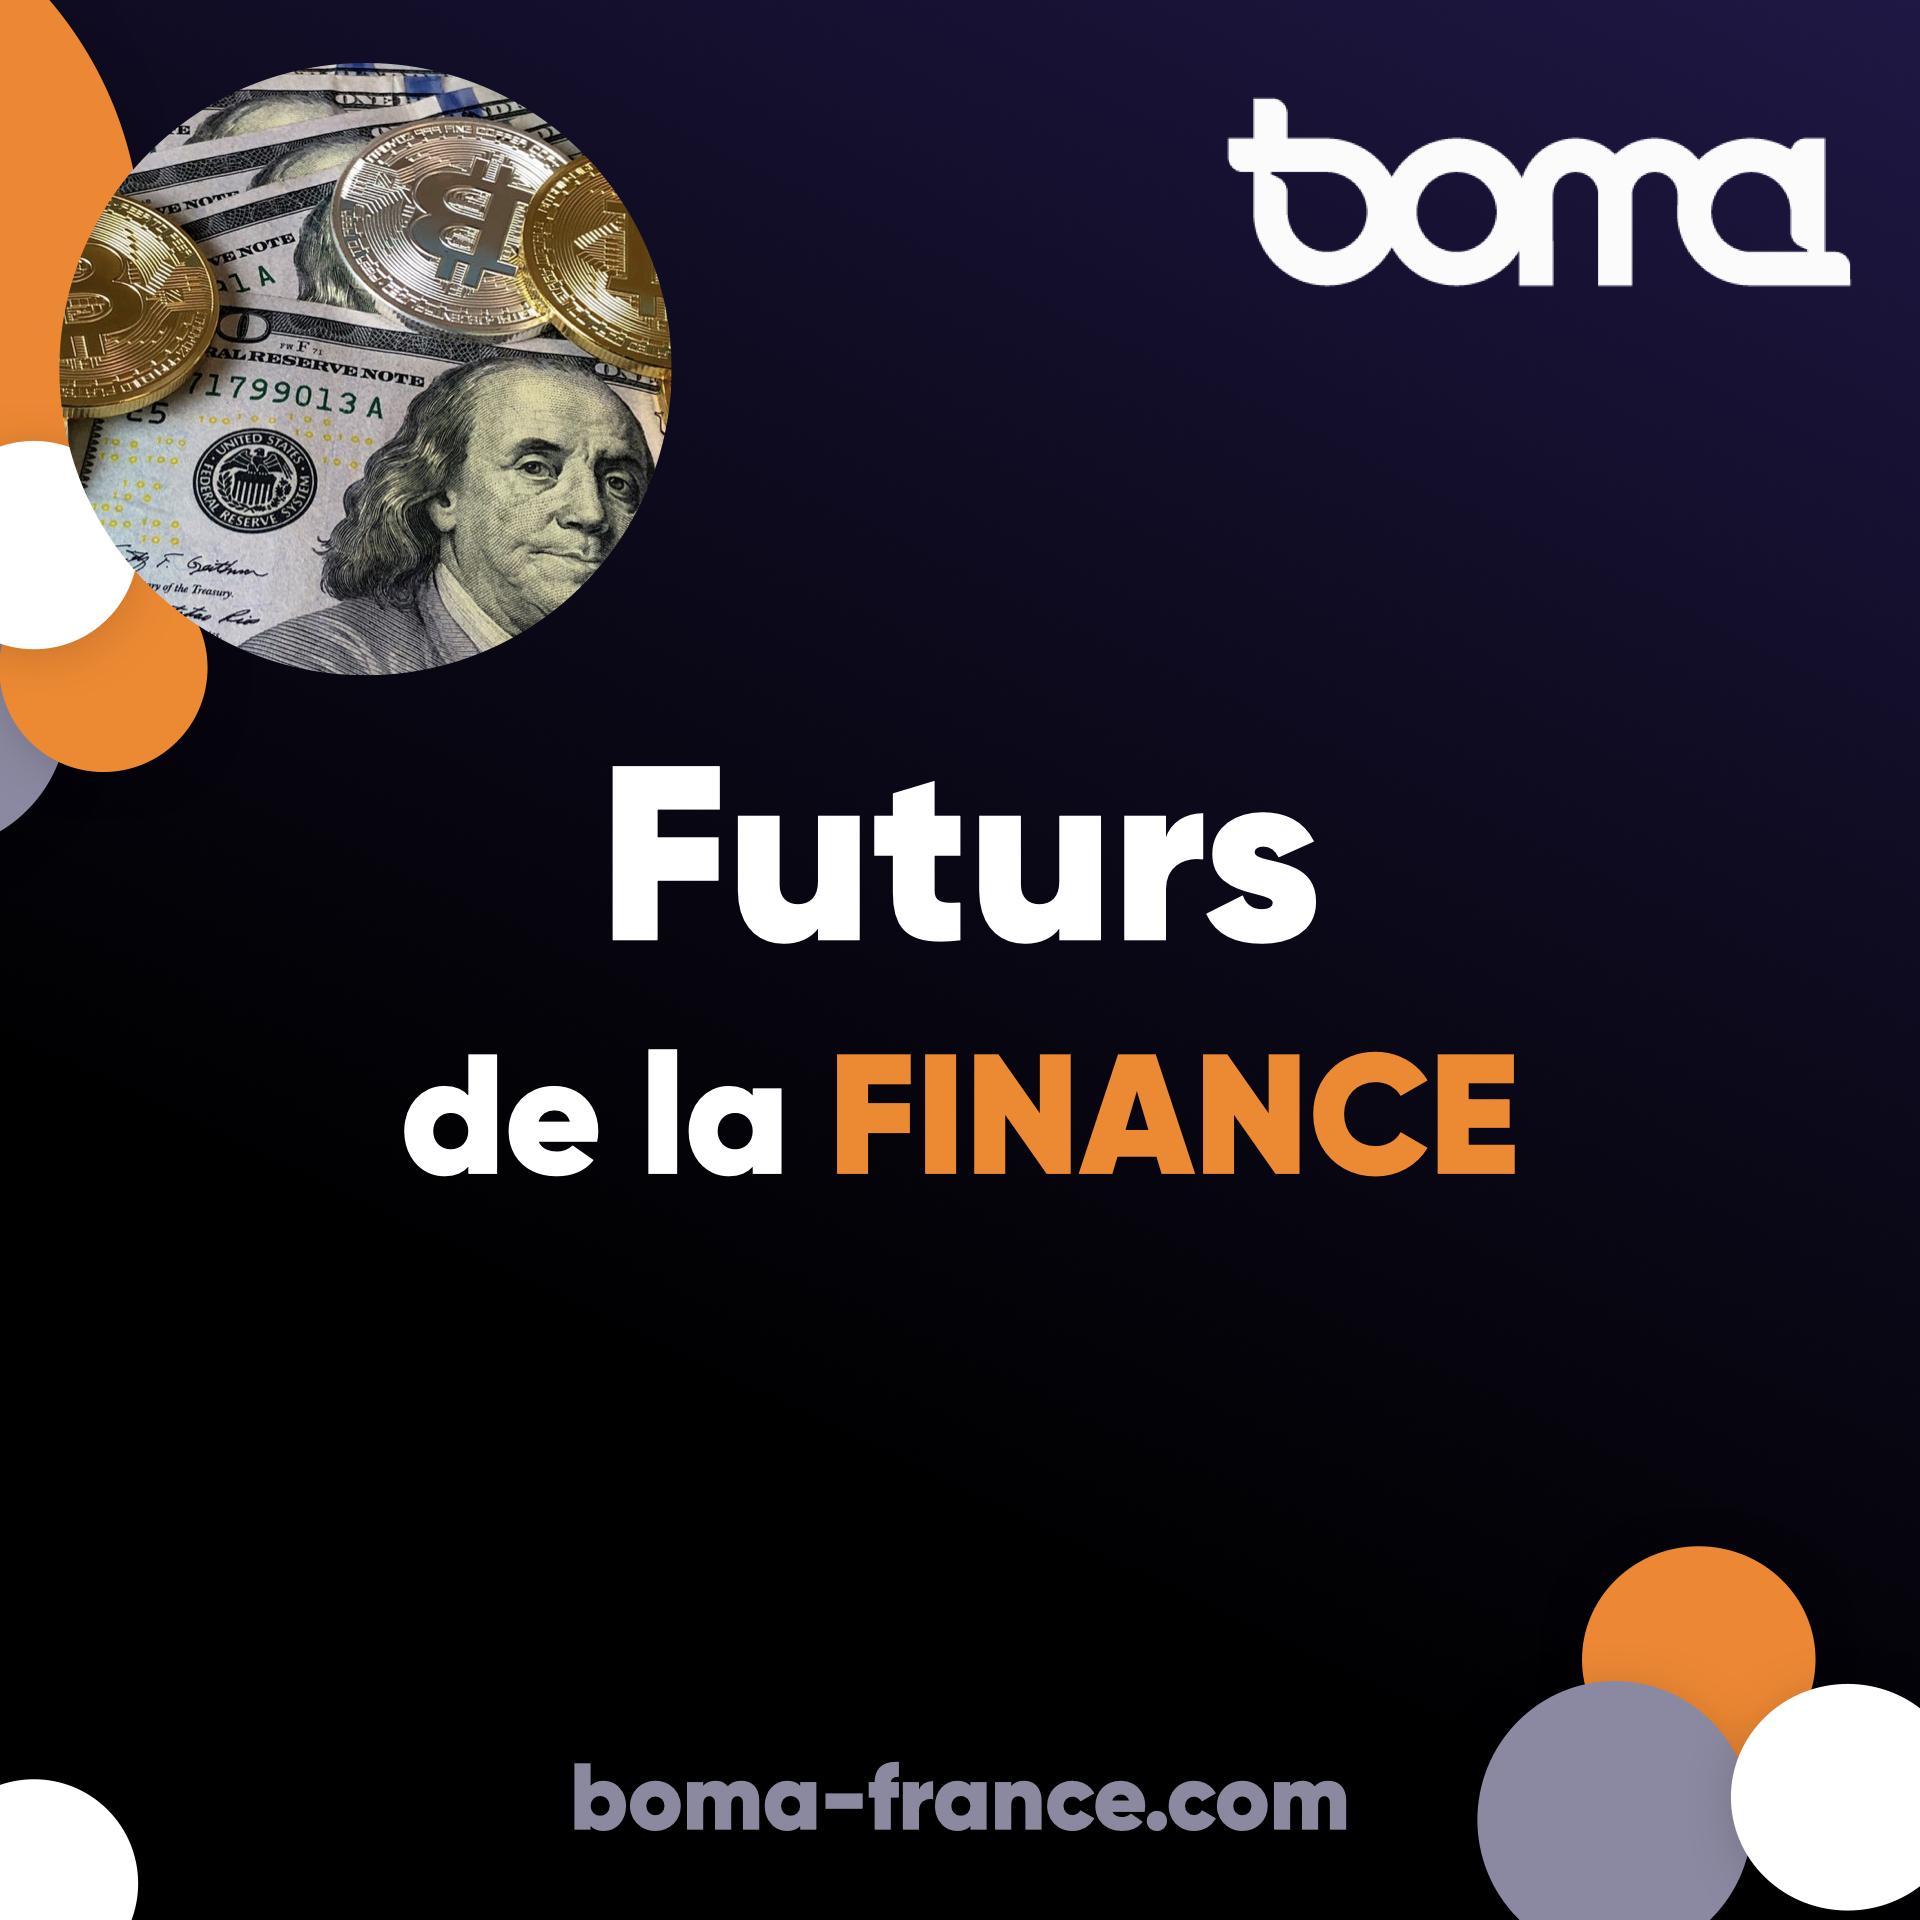 La finance aux futurs